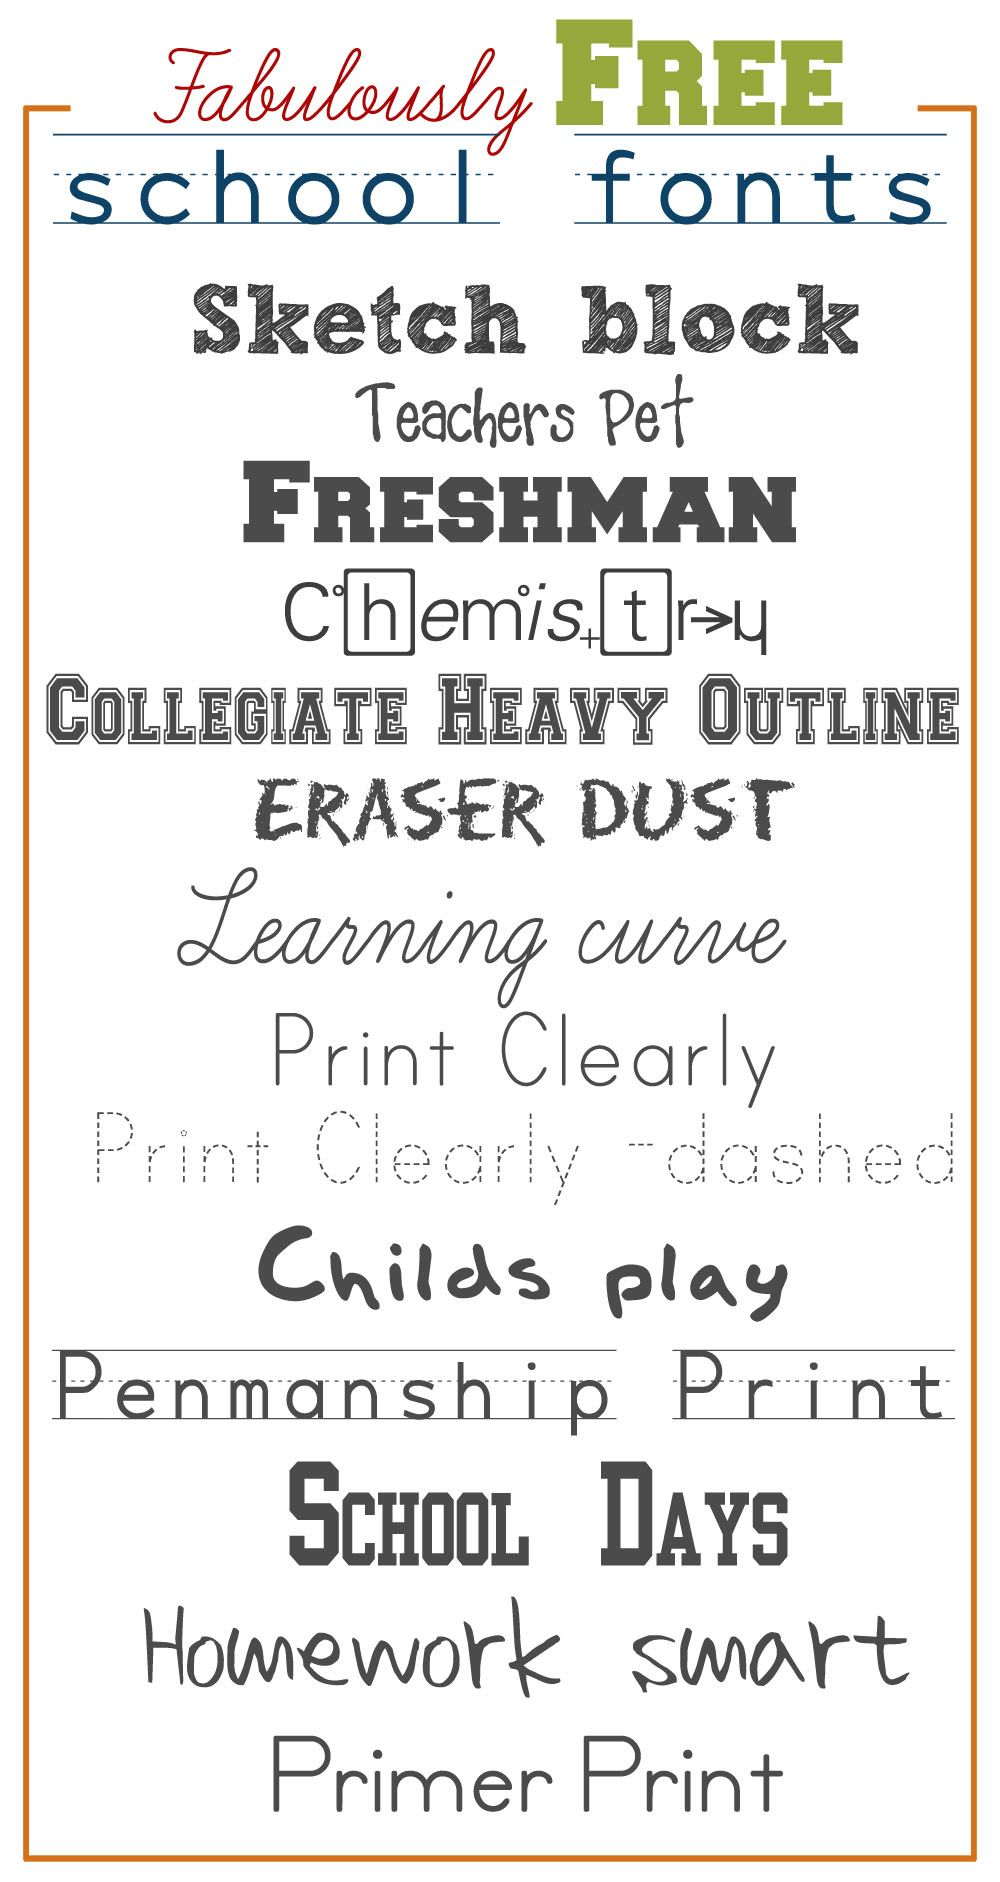 Download Fabulously Free School Fonts | Free school fonts, School ...